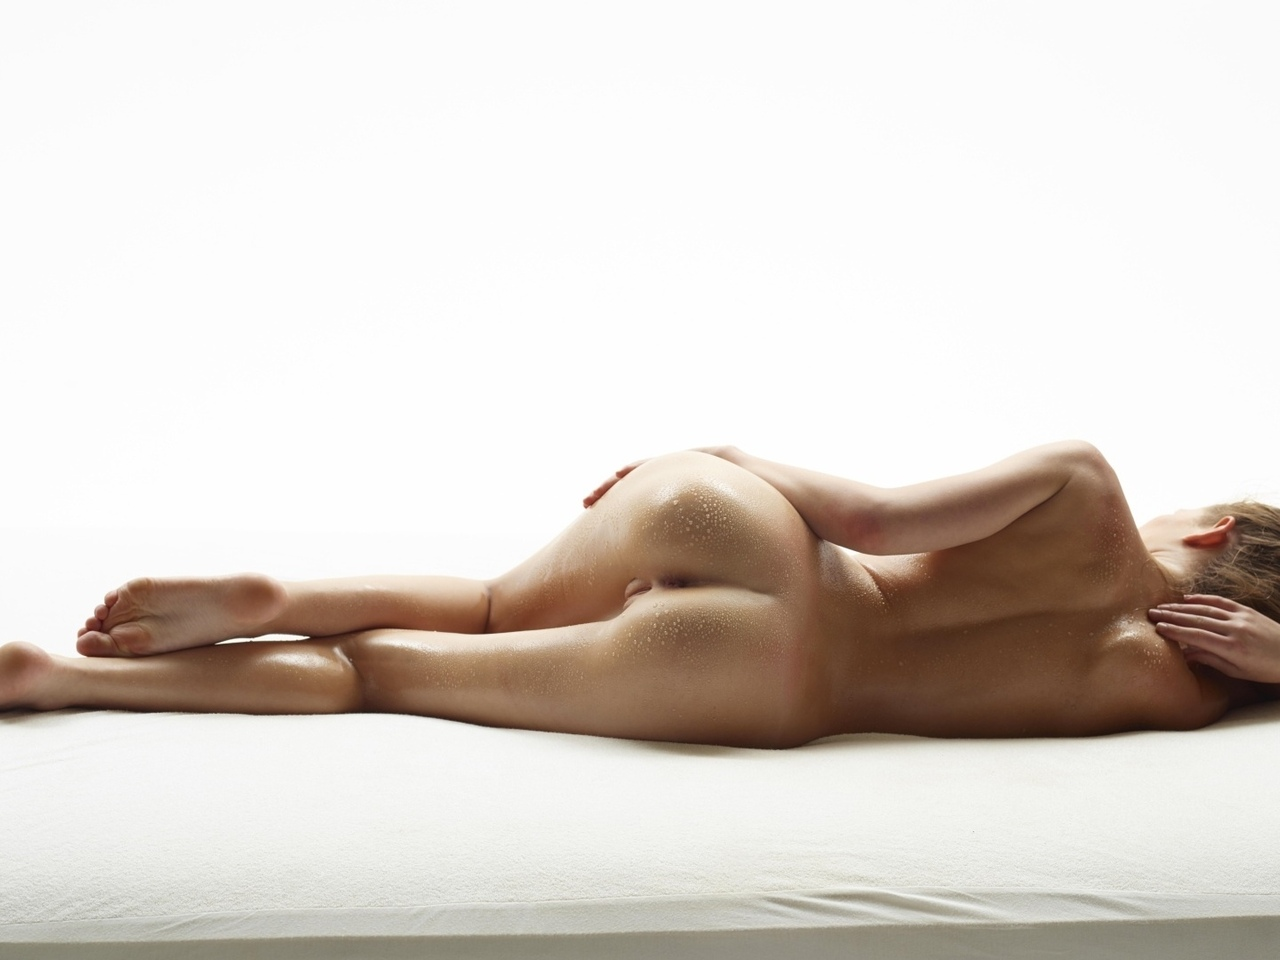 обнажоная, голая